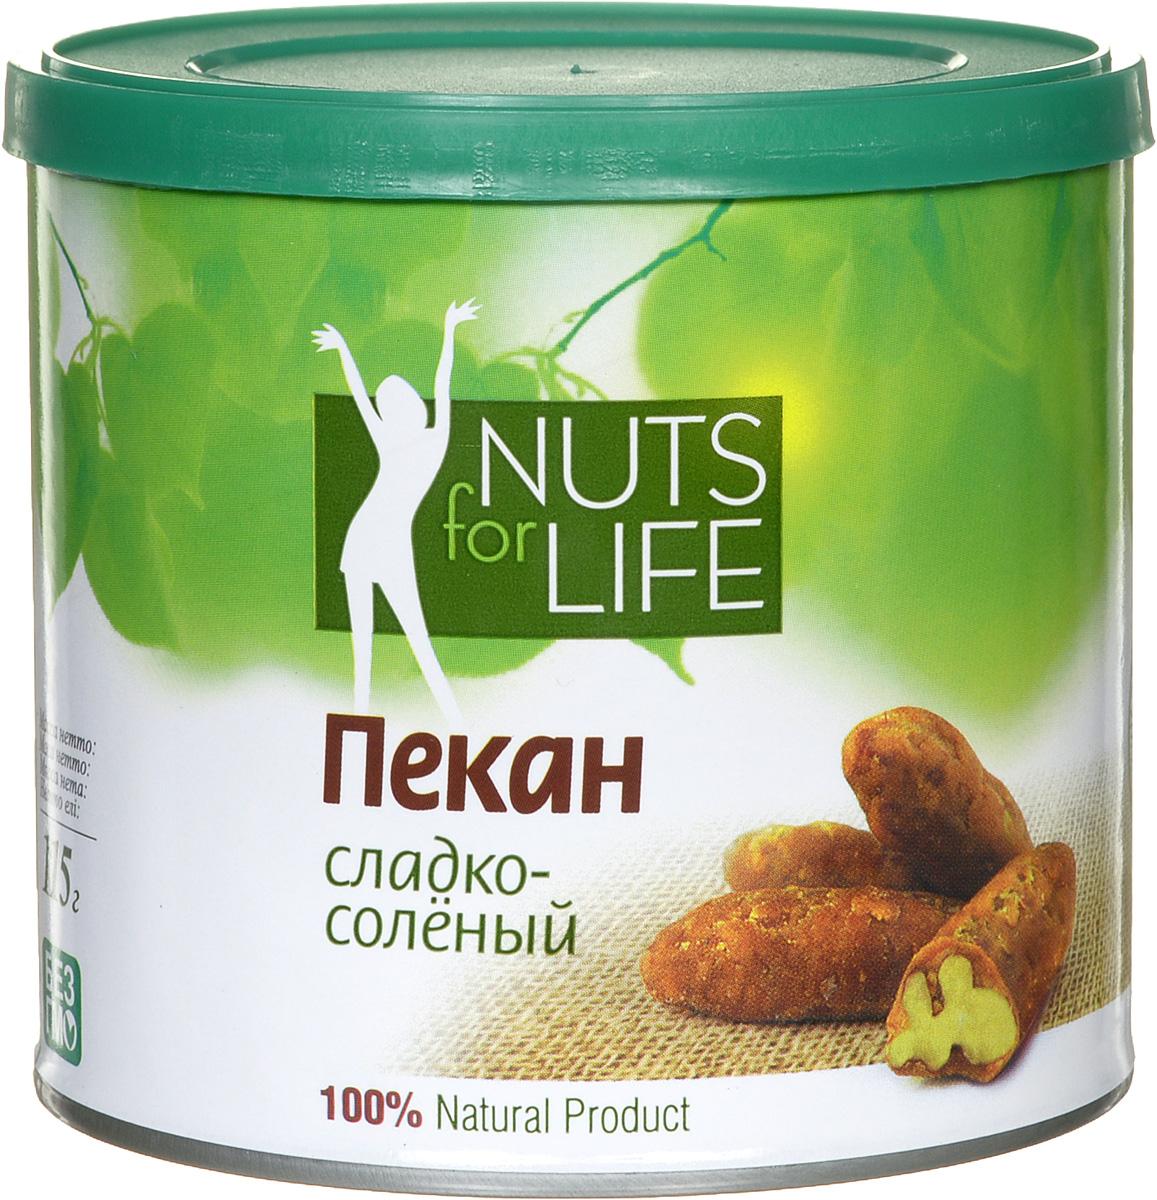 Nuts for Life Пекан обжаренный в сахаре с солью, 115 гU921149Nuts for Life Пекан сладко-соленый - потрясающе вкусный снек, а так же идеальное дополнение к любому мороженому! Просто добавьте несколько орехов в мороженое, и оно сразу станет вашим любимым!